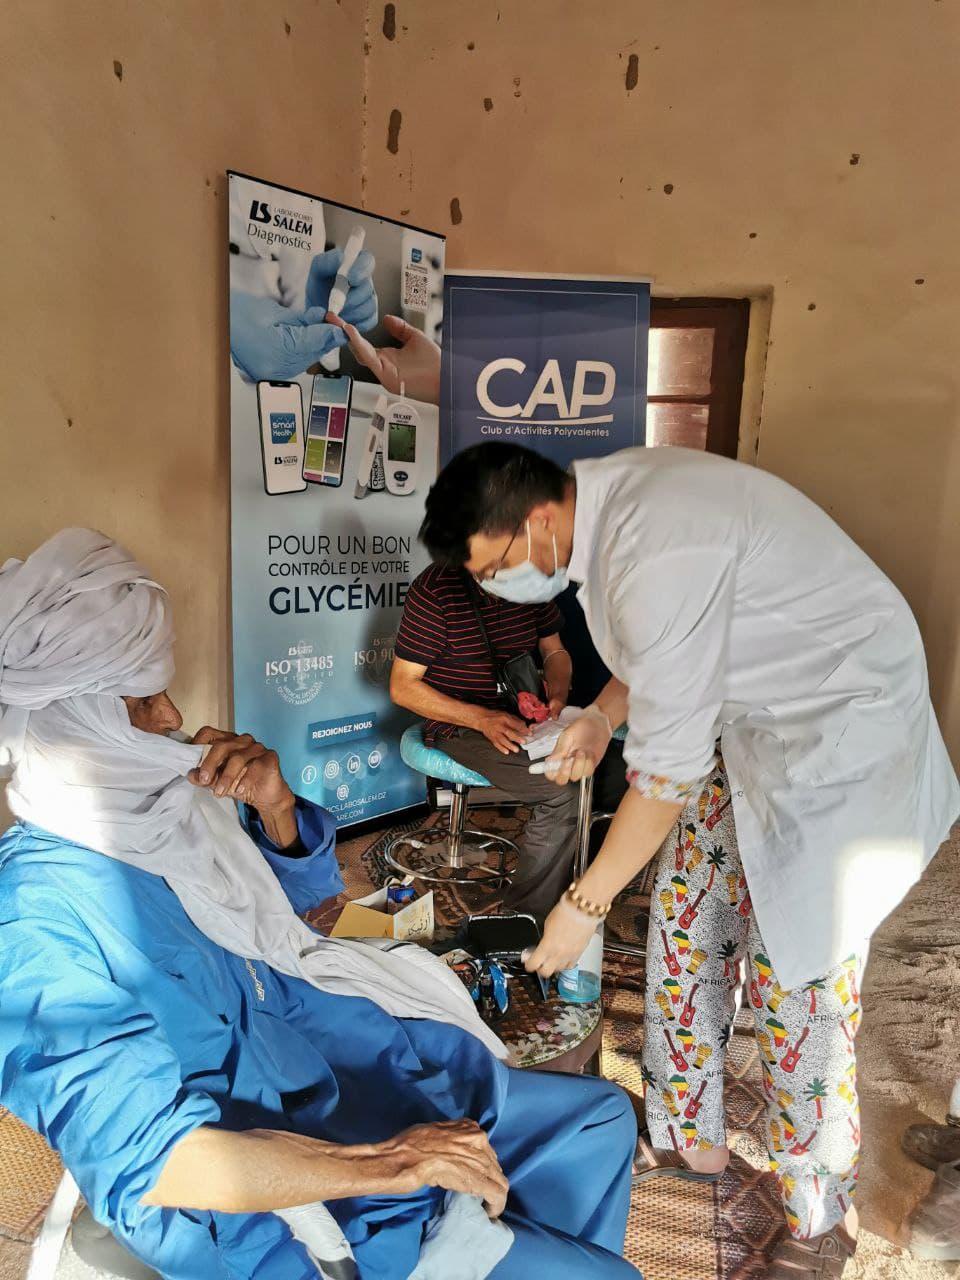 campagne labosalem,covid,diabète,campagne de sensibilisation, campagne de dépistage, laboratoires SALEM, diabete, covid, covid-19,precisio,check3